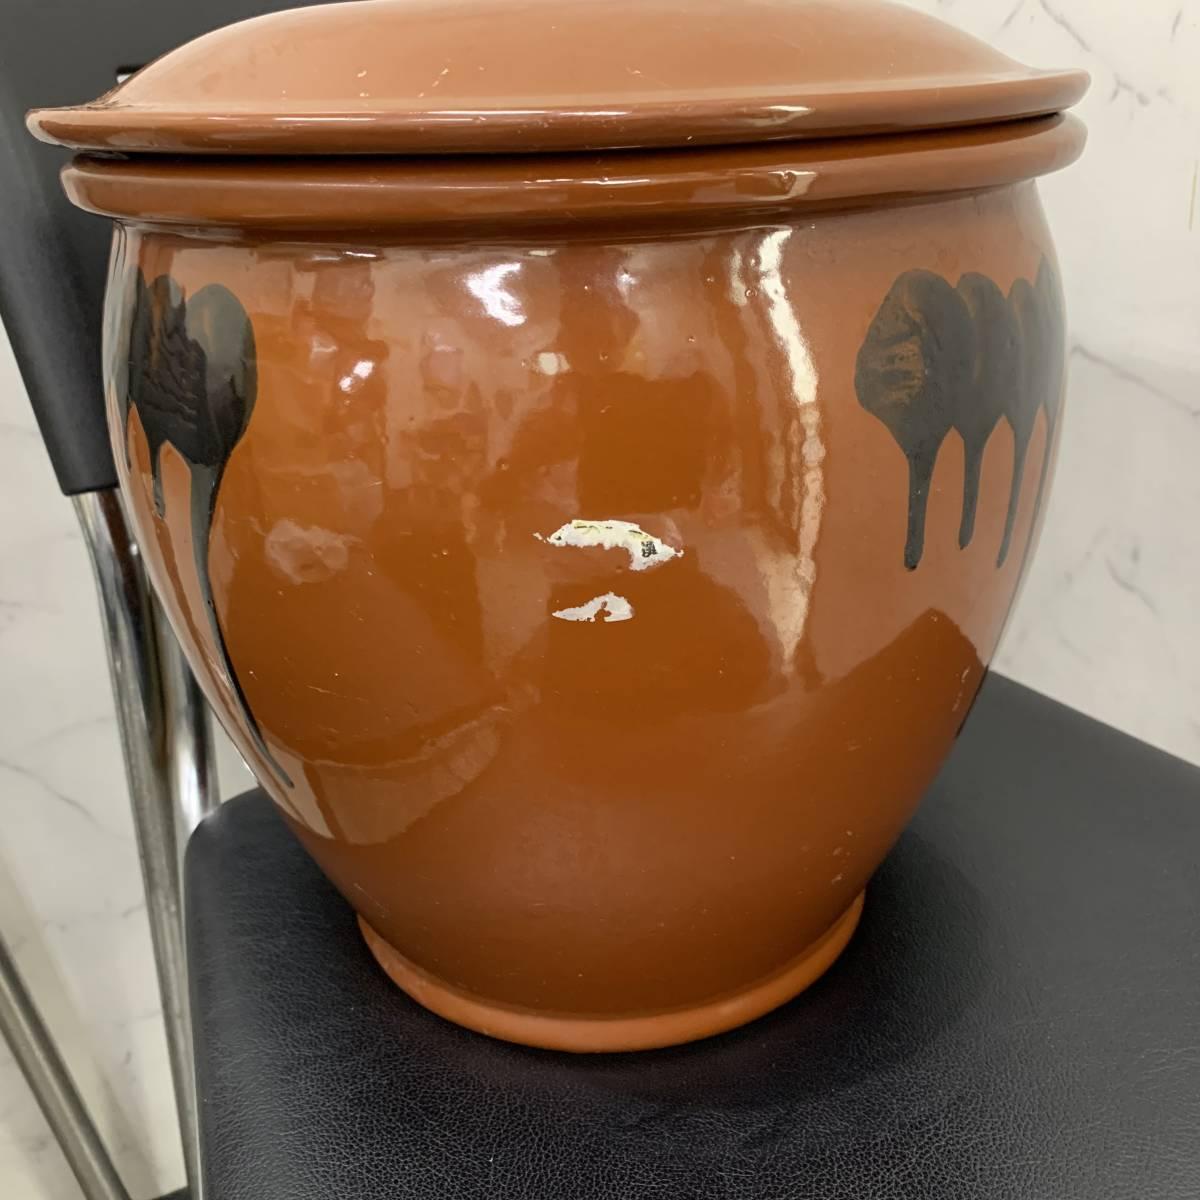 1、常滑焼 久松窯 梅干し壺 漬物容器 かめ 漬物 らっきょ 梅干 味噌 蓋付 経年保管品_画像3